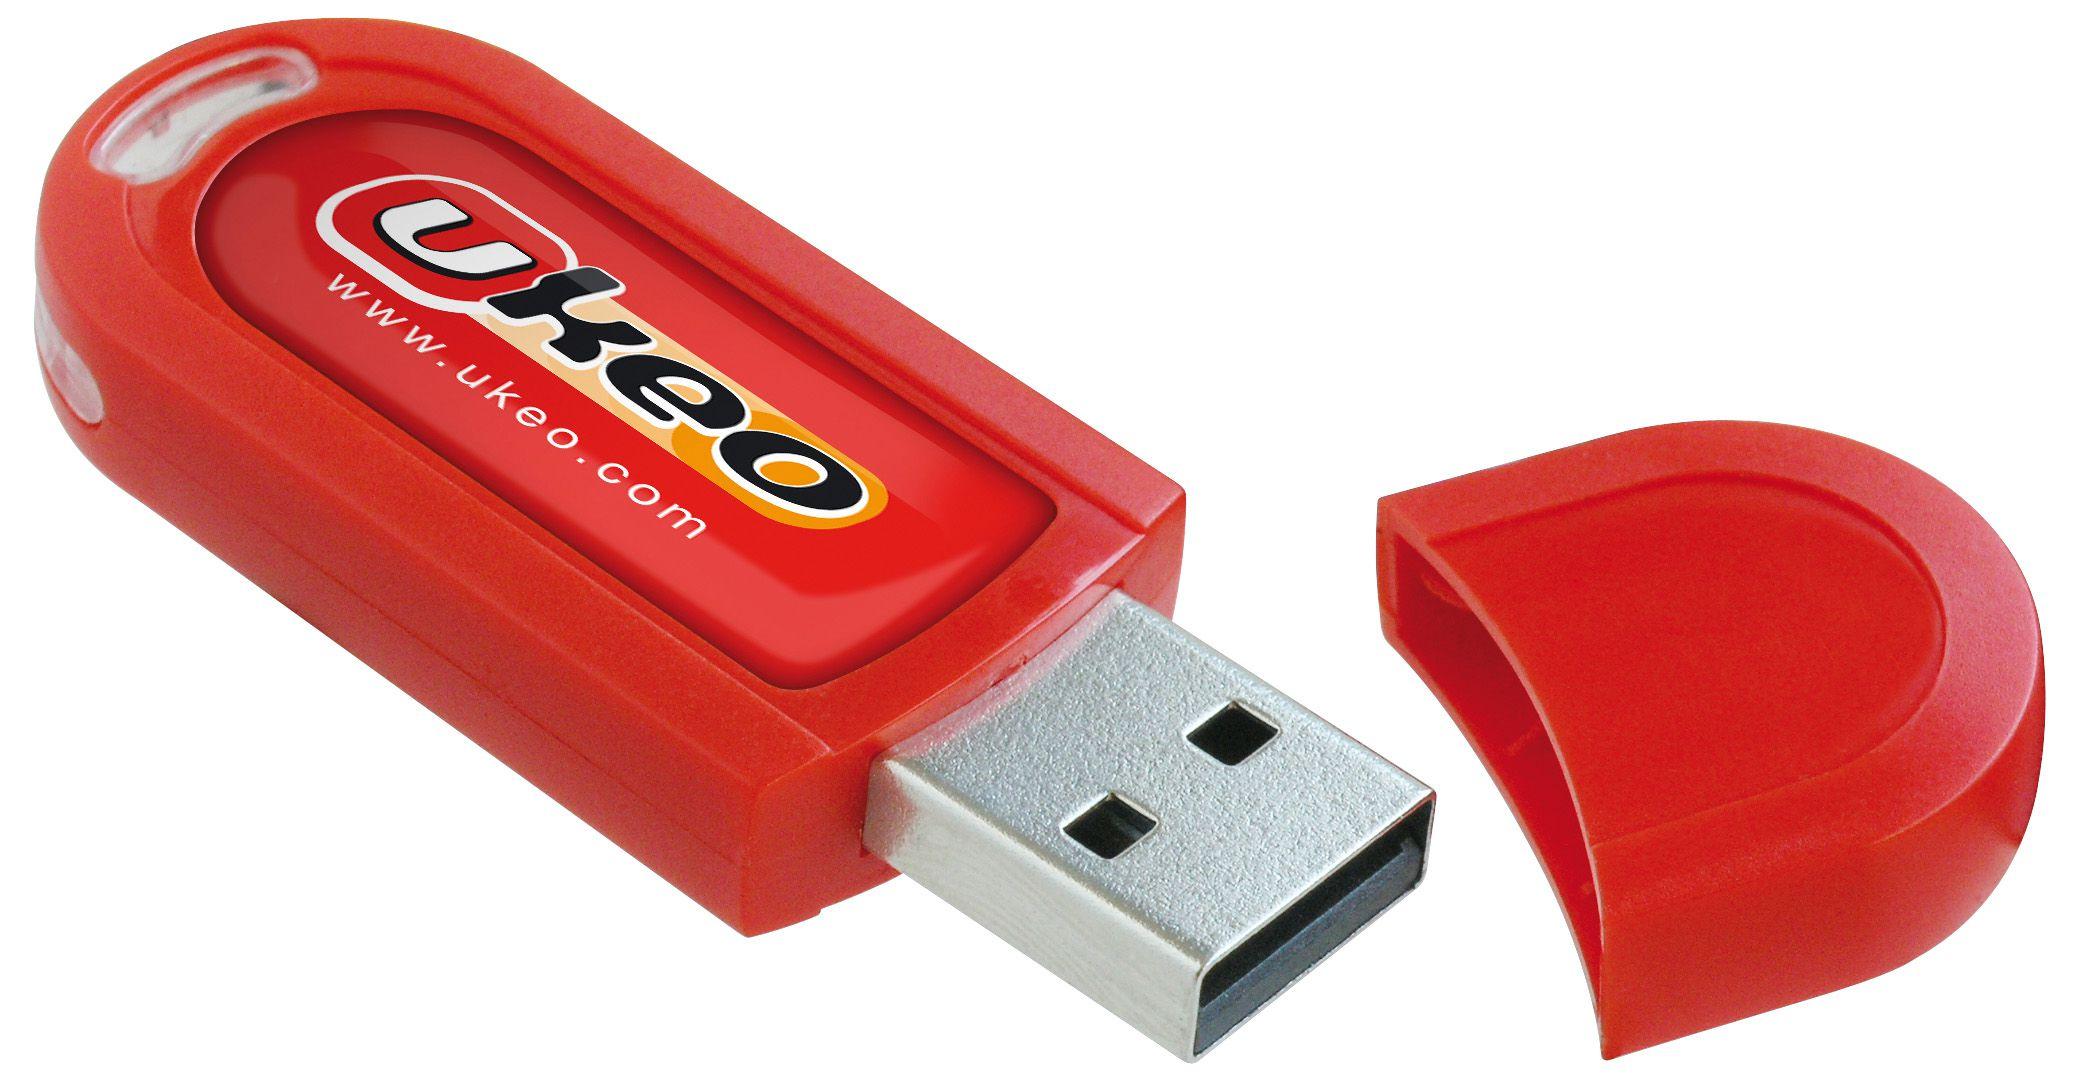 Objet publicitaire écologique - Clé USB personnalisable Ecospring